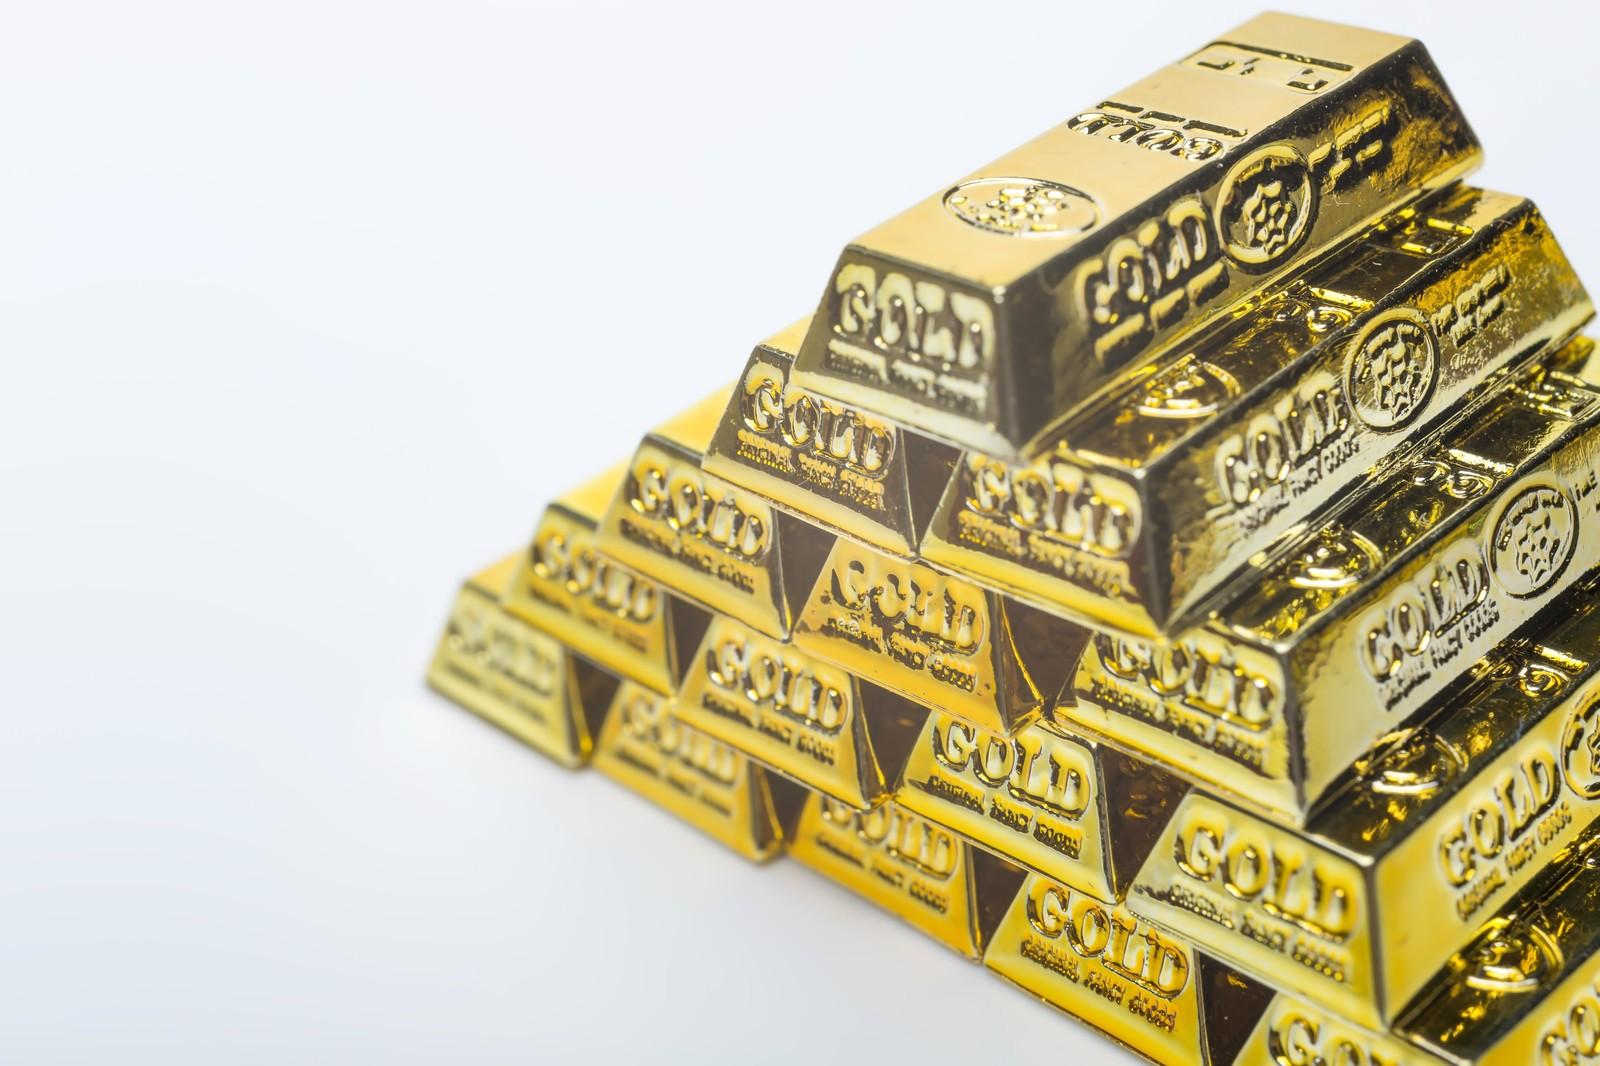 純粋な金、純金、K24